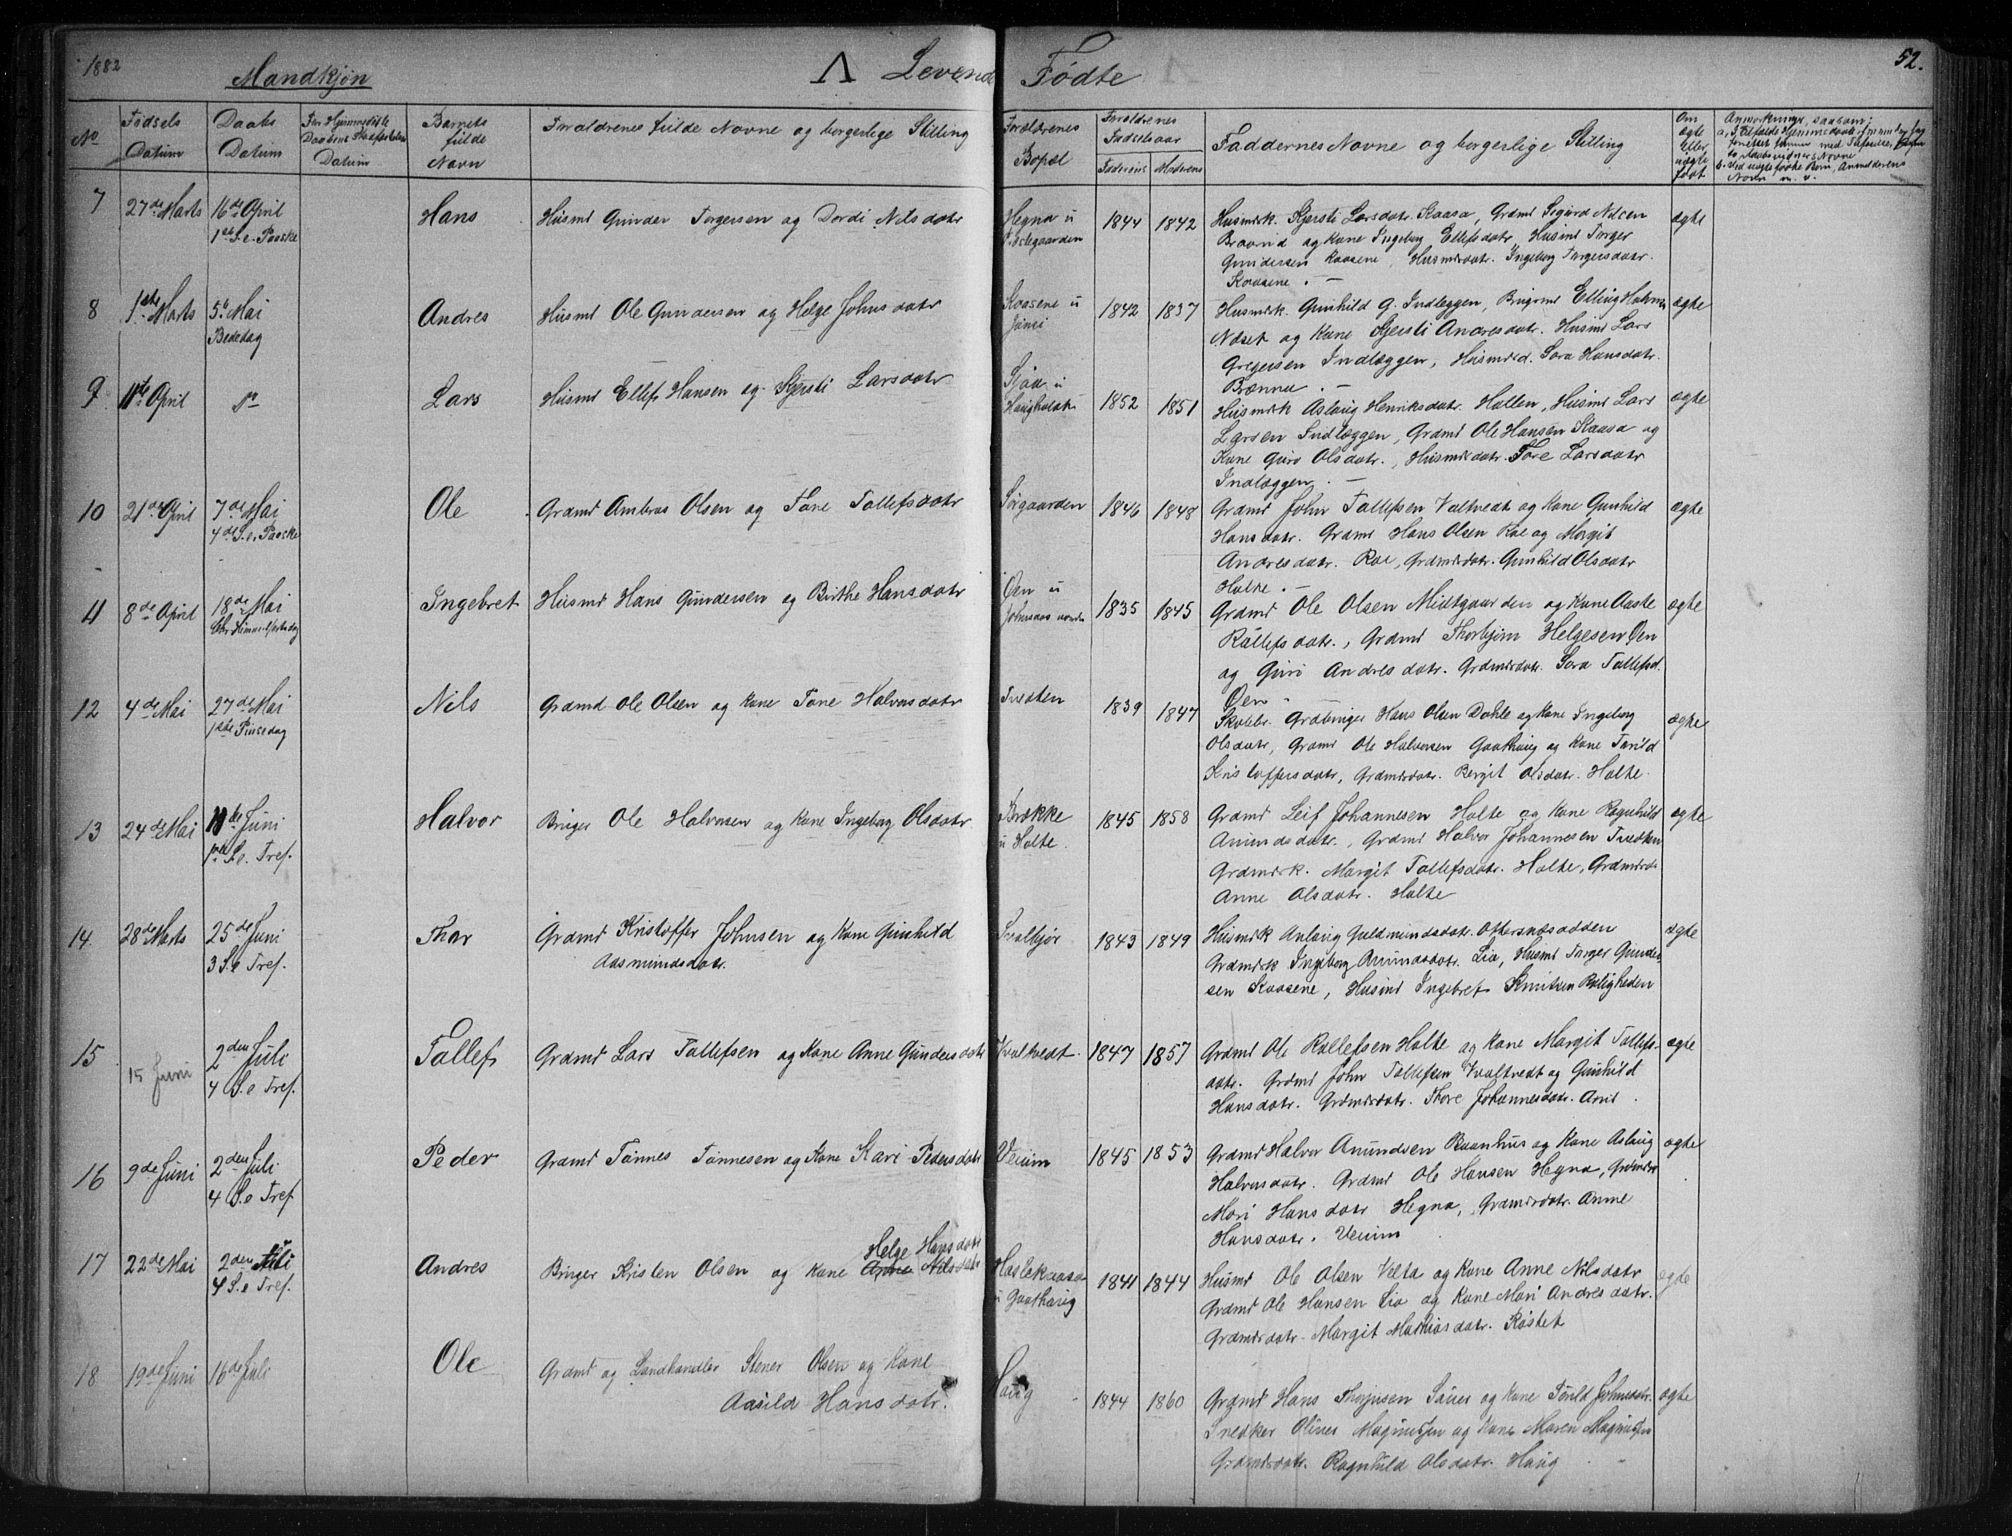 SAKO, Sauherad kirkebøker, G/Ga/L0003: Klokkerbok nr. I 3, 1866-1905, s. 52